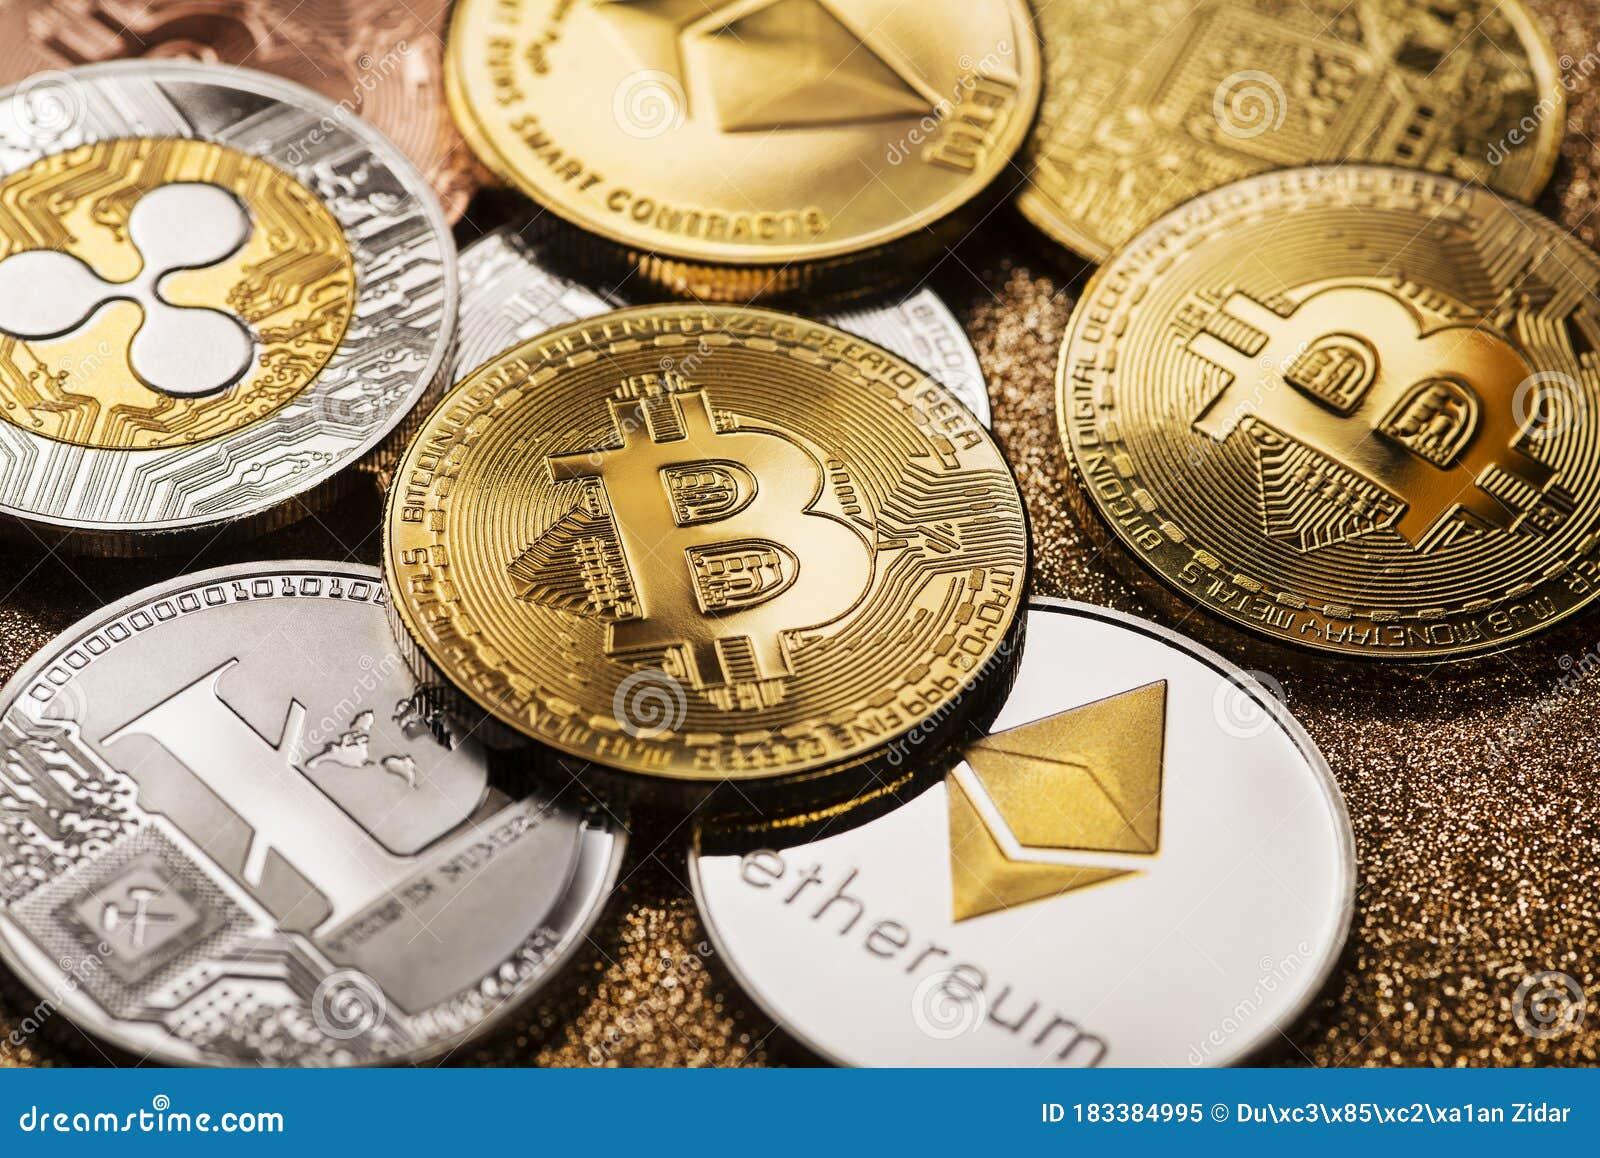 cryptorize ‑ earn real bitcoin